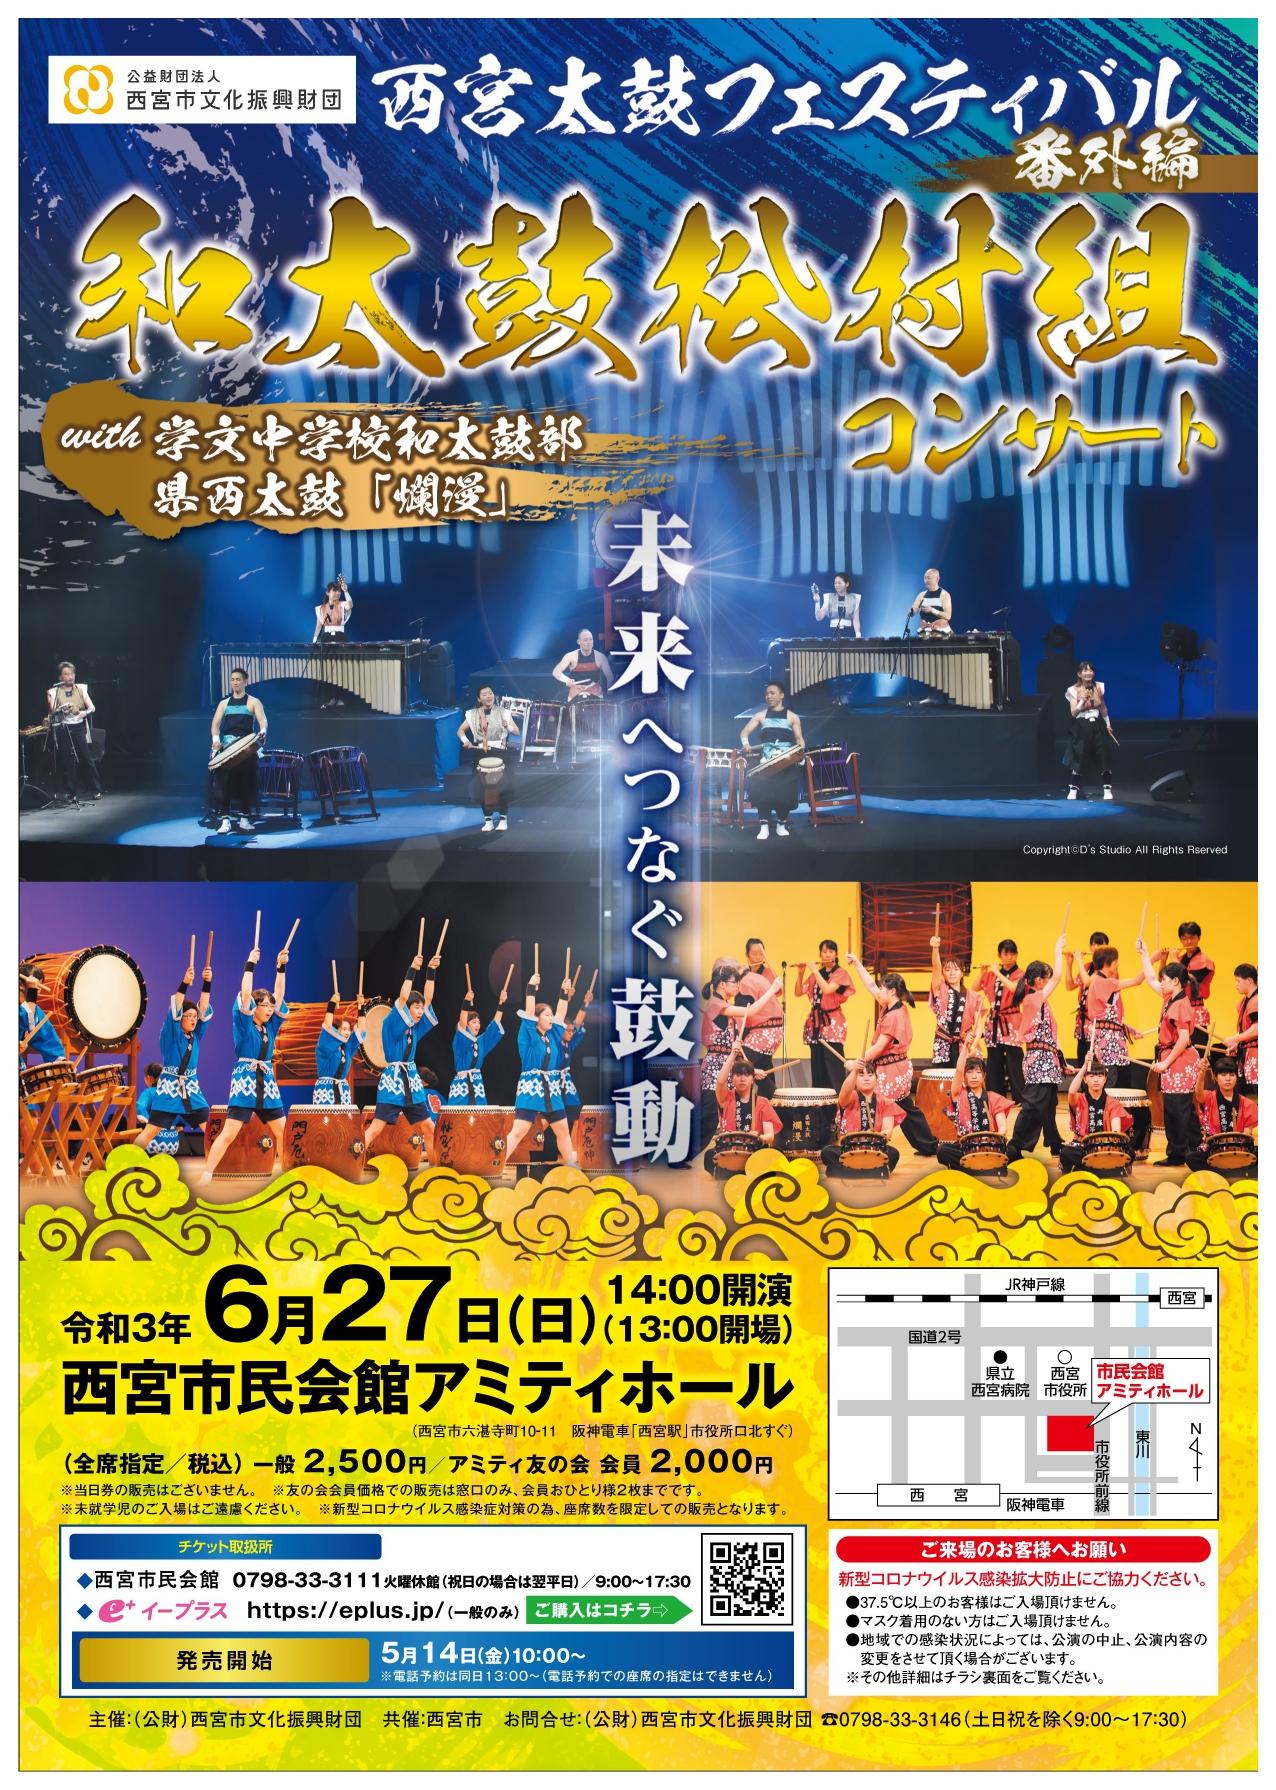 和太鼓松村組コンサート